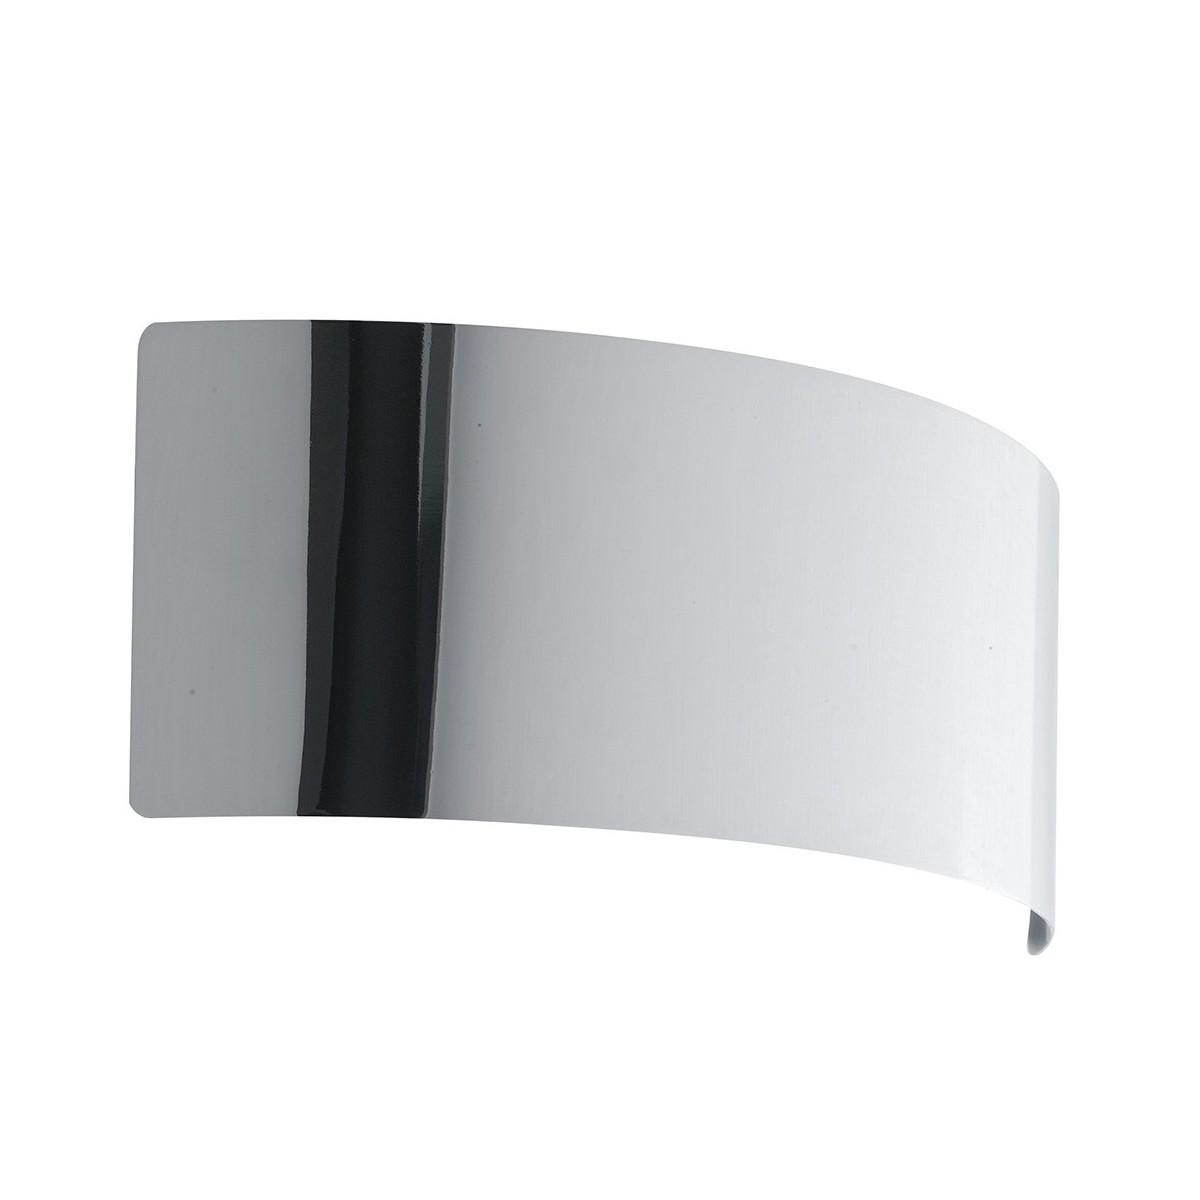 LED-DYNAMIC-AP23 CR - Lampe Led Led Moderne Arcade Applique Finition Chrome Métal 6 watts Lumière Naturelle